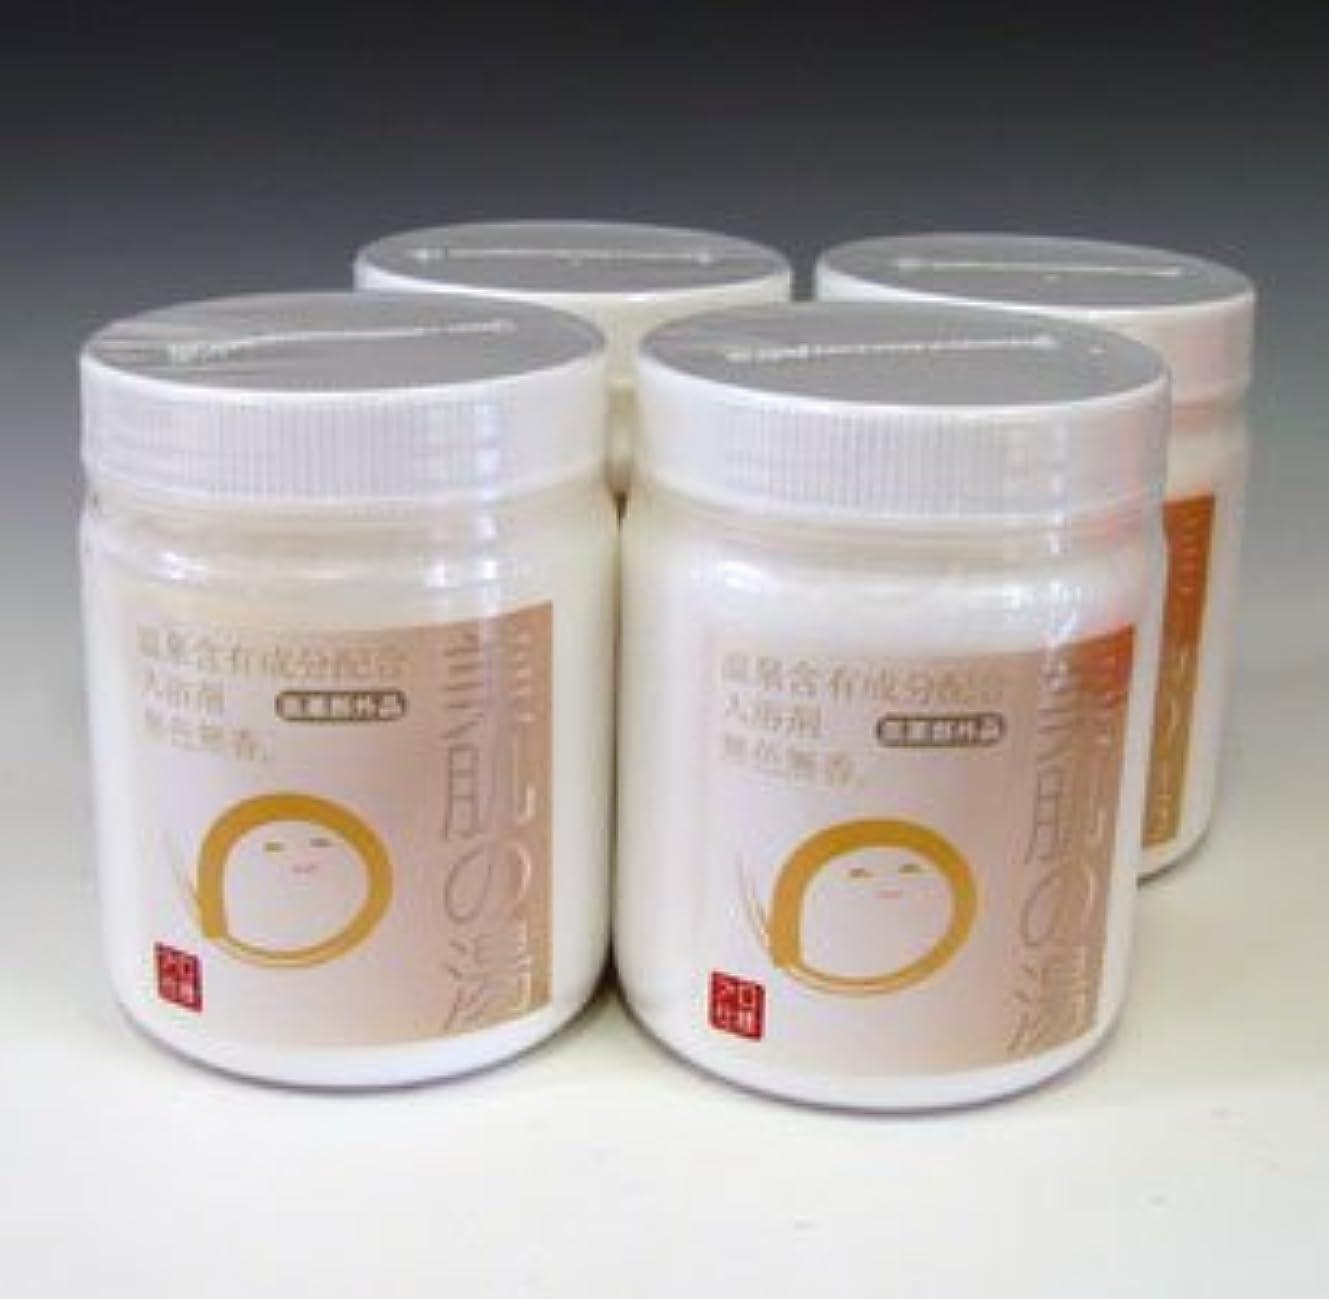 保存固体お金温泉入浴剤 アルカリ単純泉PH9.5 美肌の湯600g 4本セット